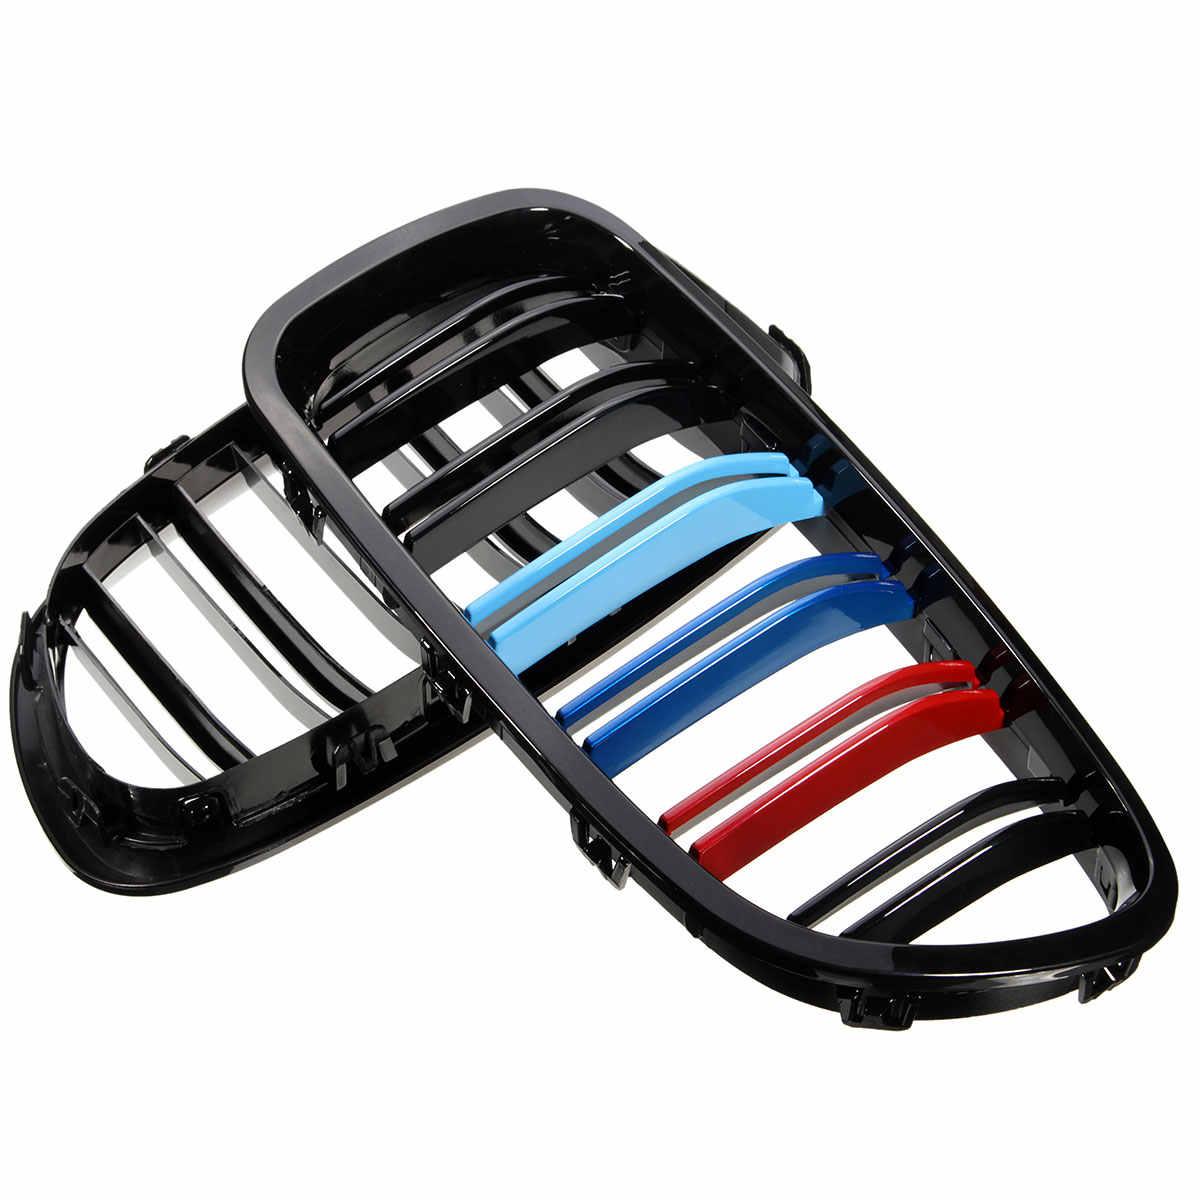 Hot 2pcs รถด้านหน้ากีฬาย่าง Grilles สีดำเงาสำหรับ BMW F10 F18 F11 M5 สไตล์ 2010 2011 2012 2013 2014 2015 2016